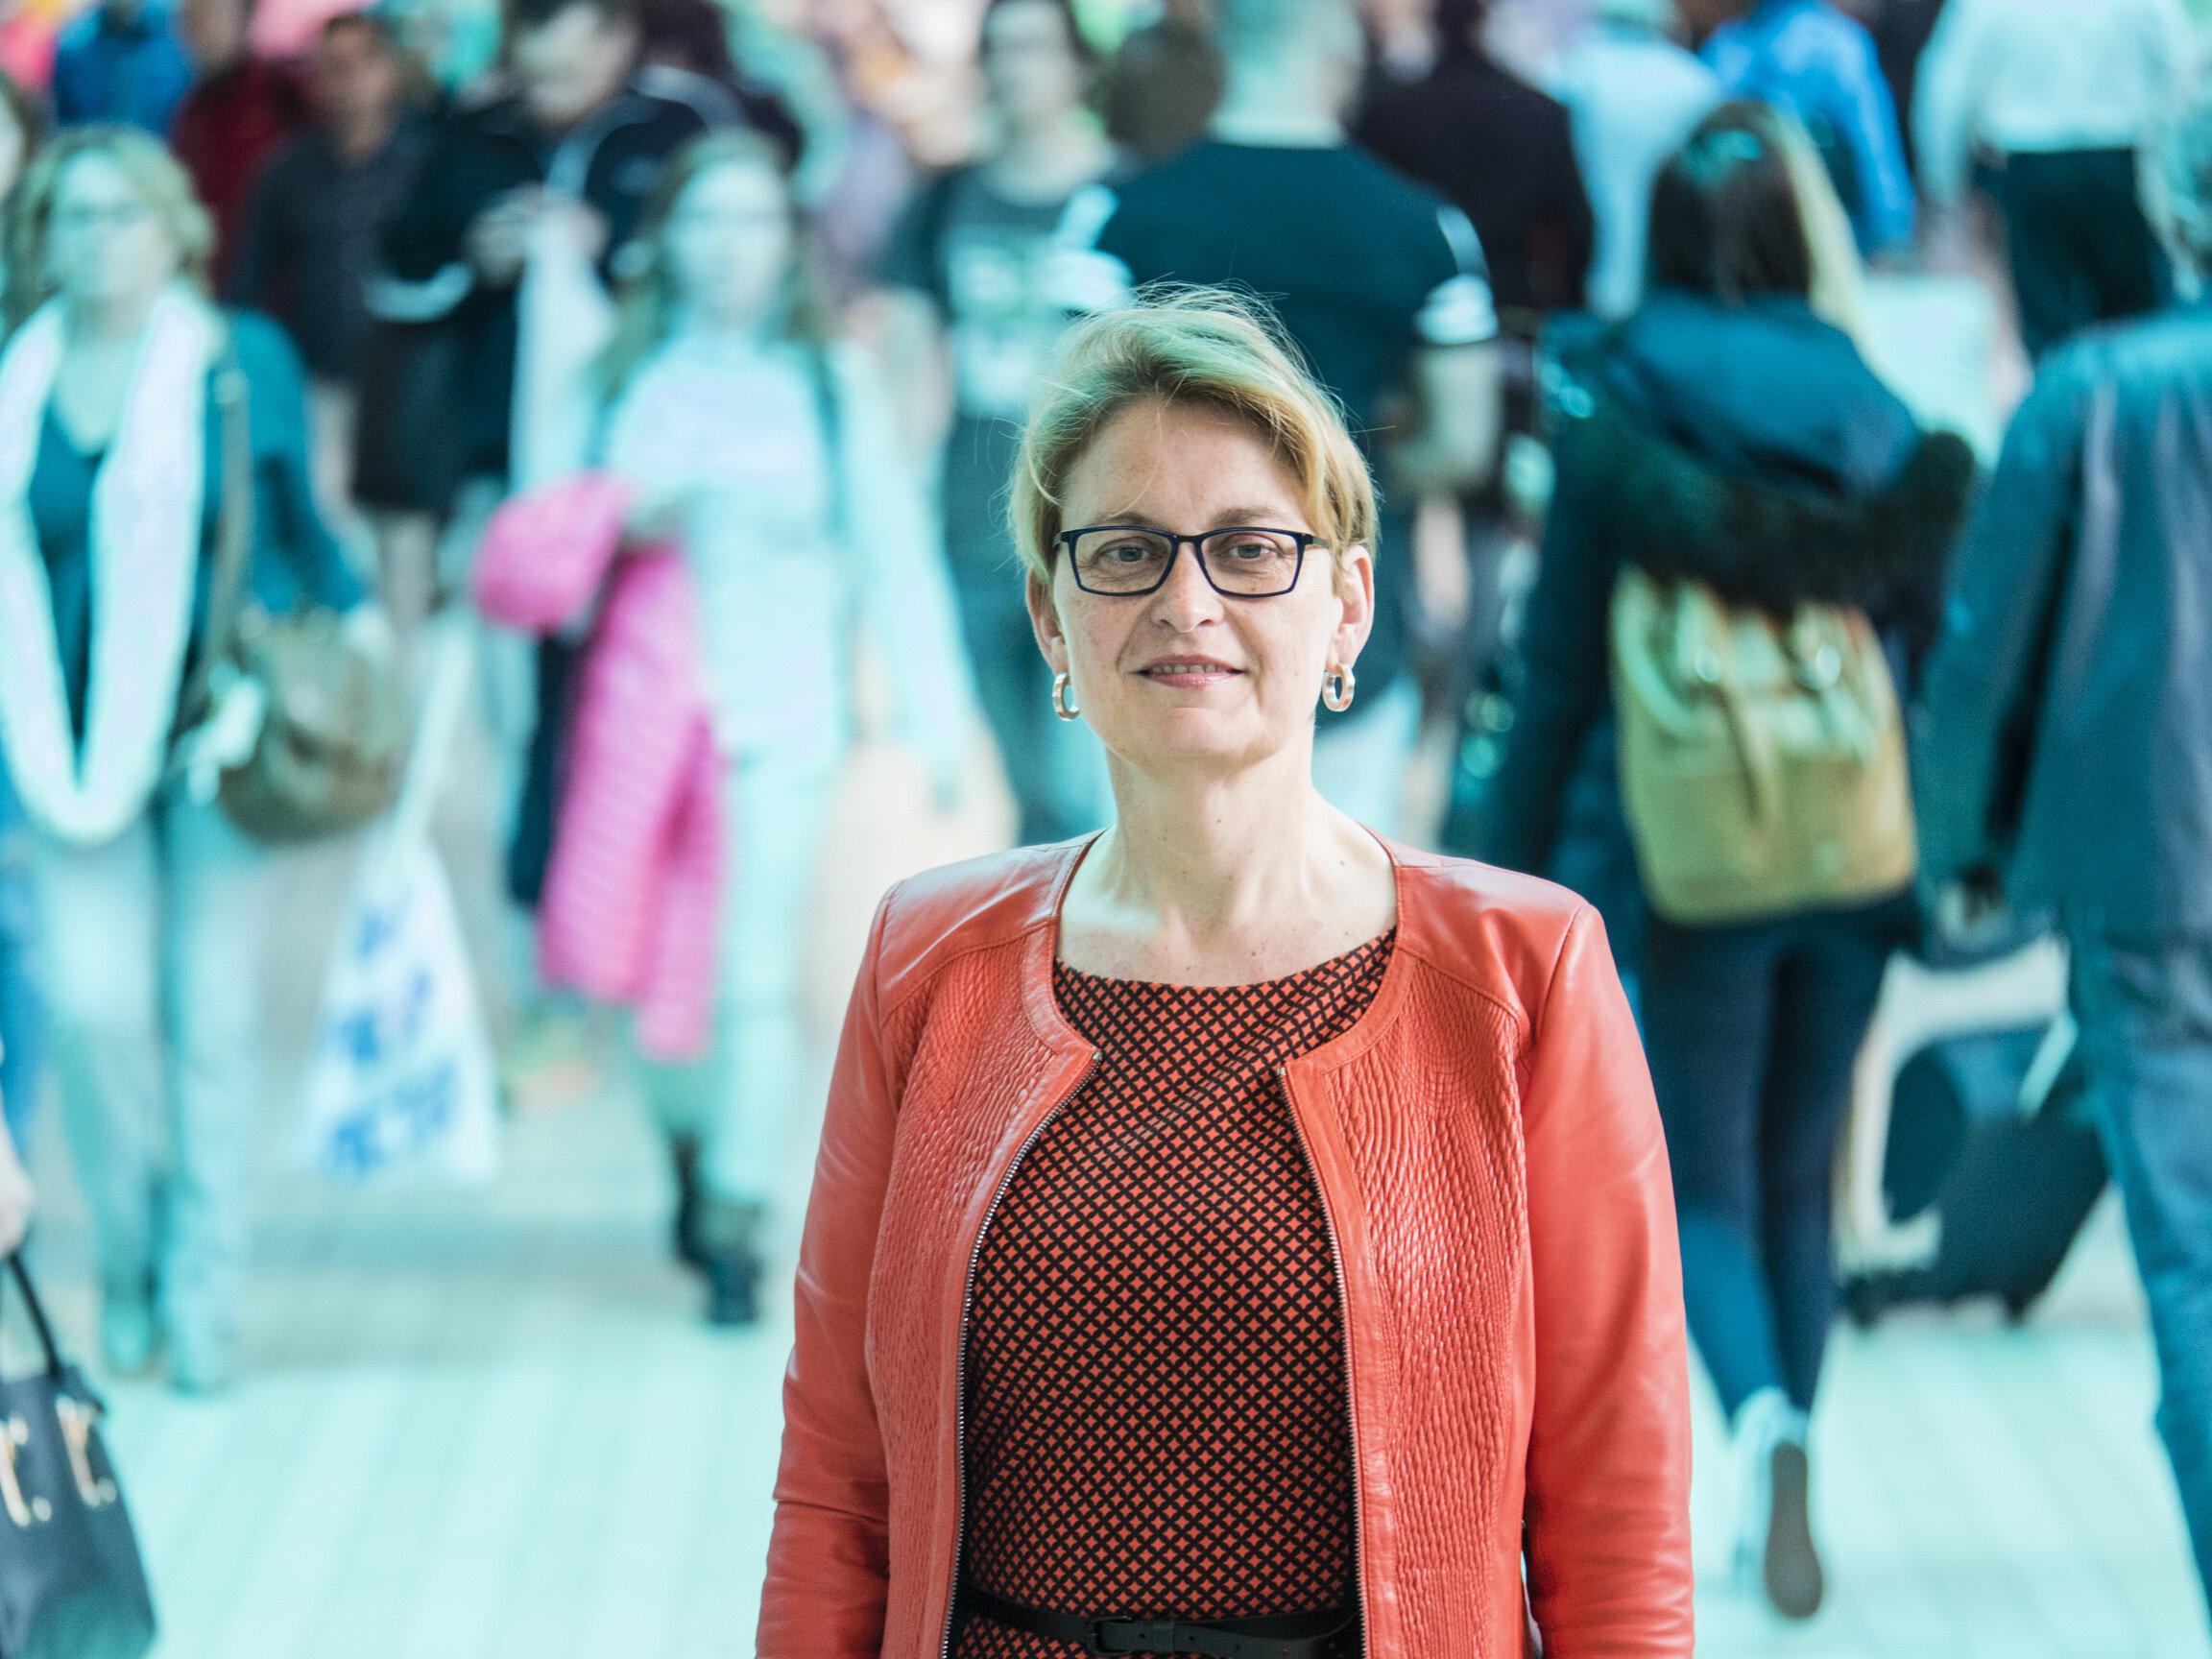 Ciska Wijmenga Rector Magnificus RUG, hoogleraar genetica en erfelijkheid